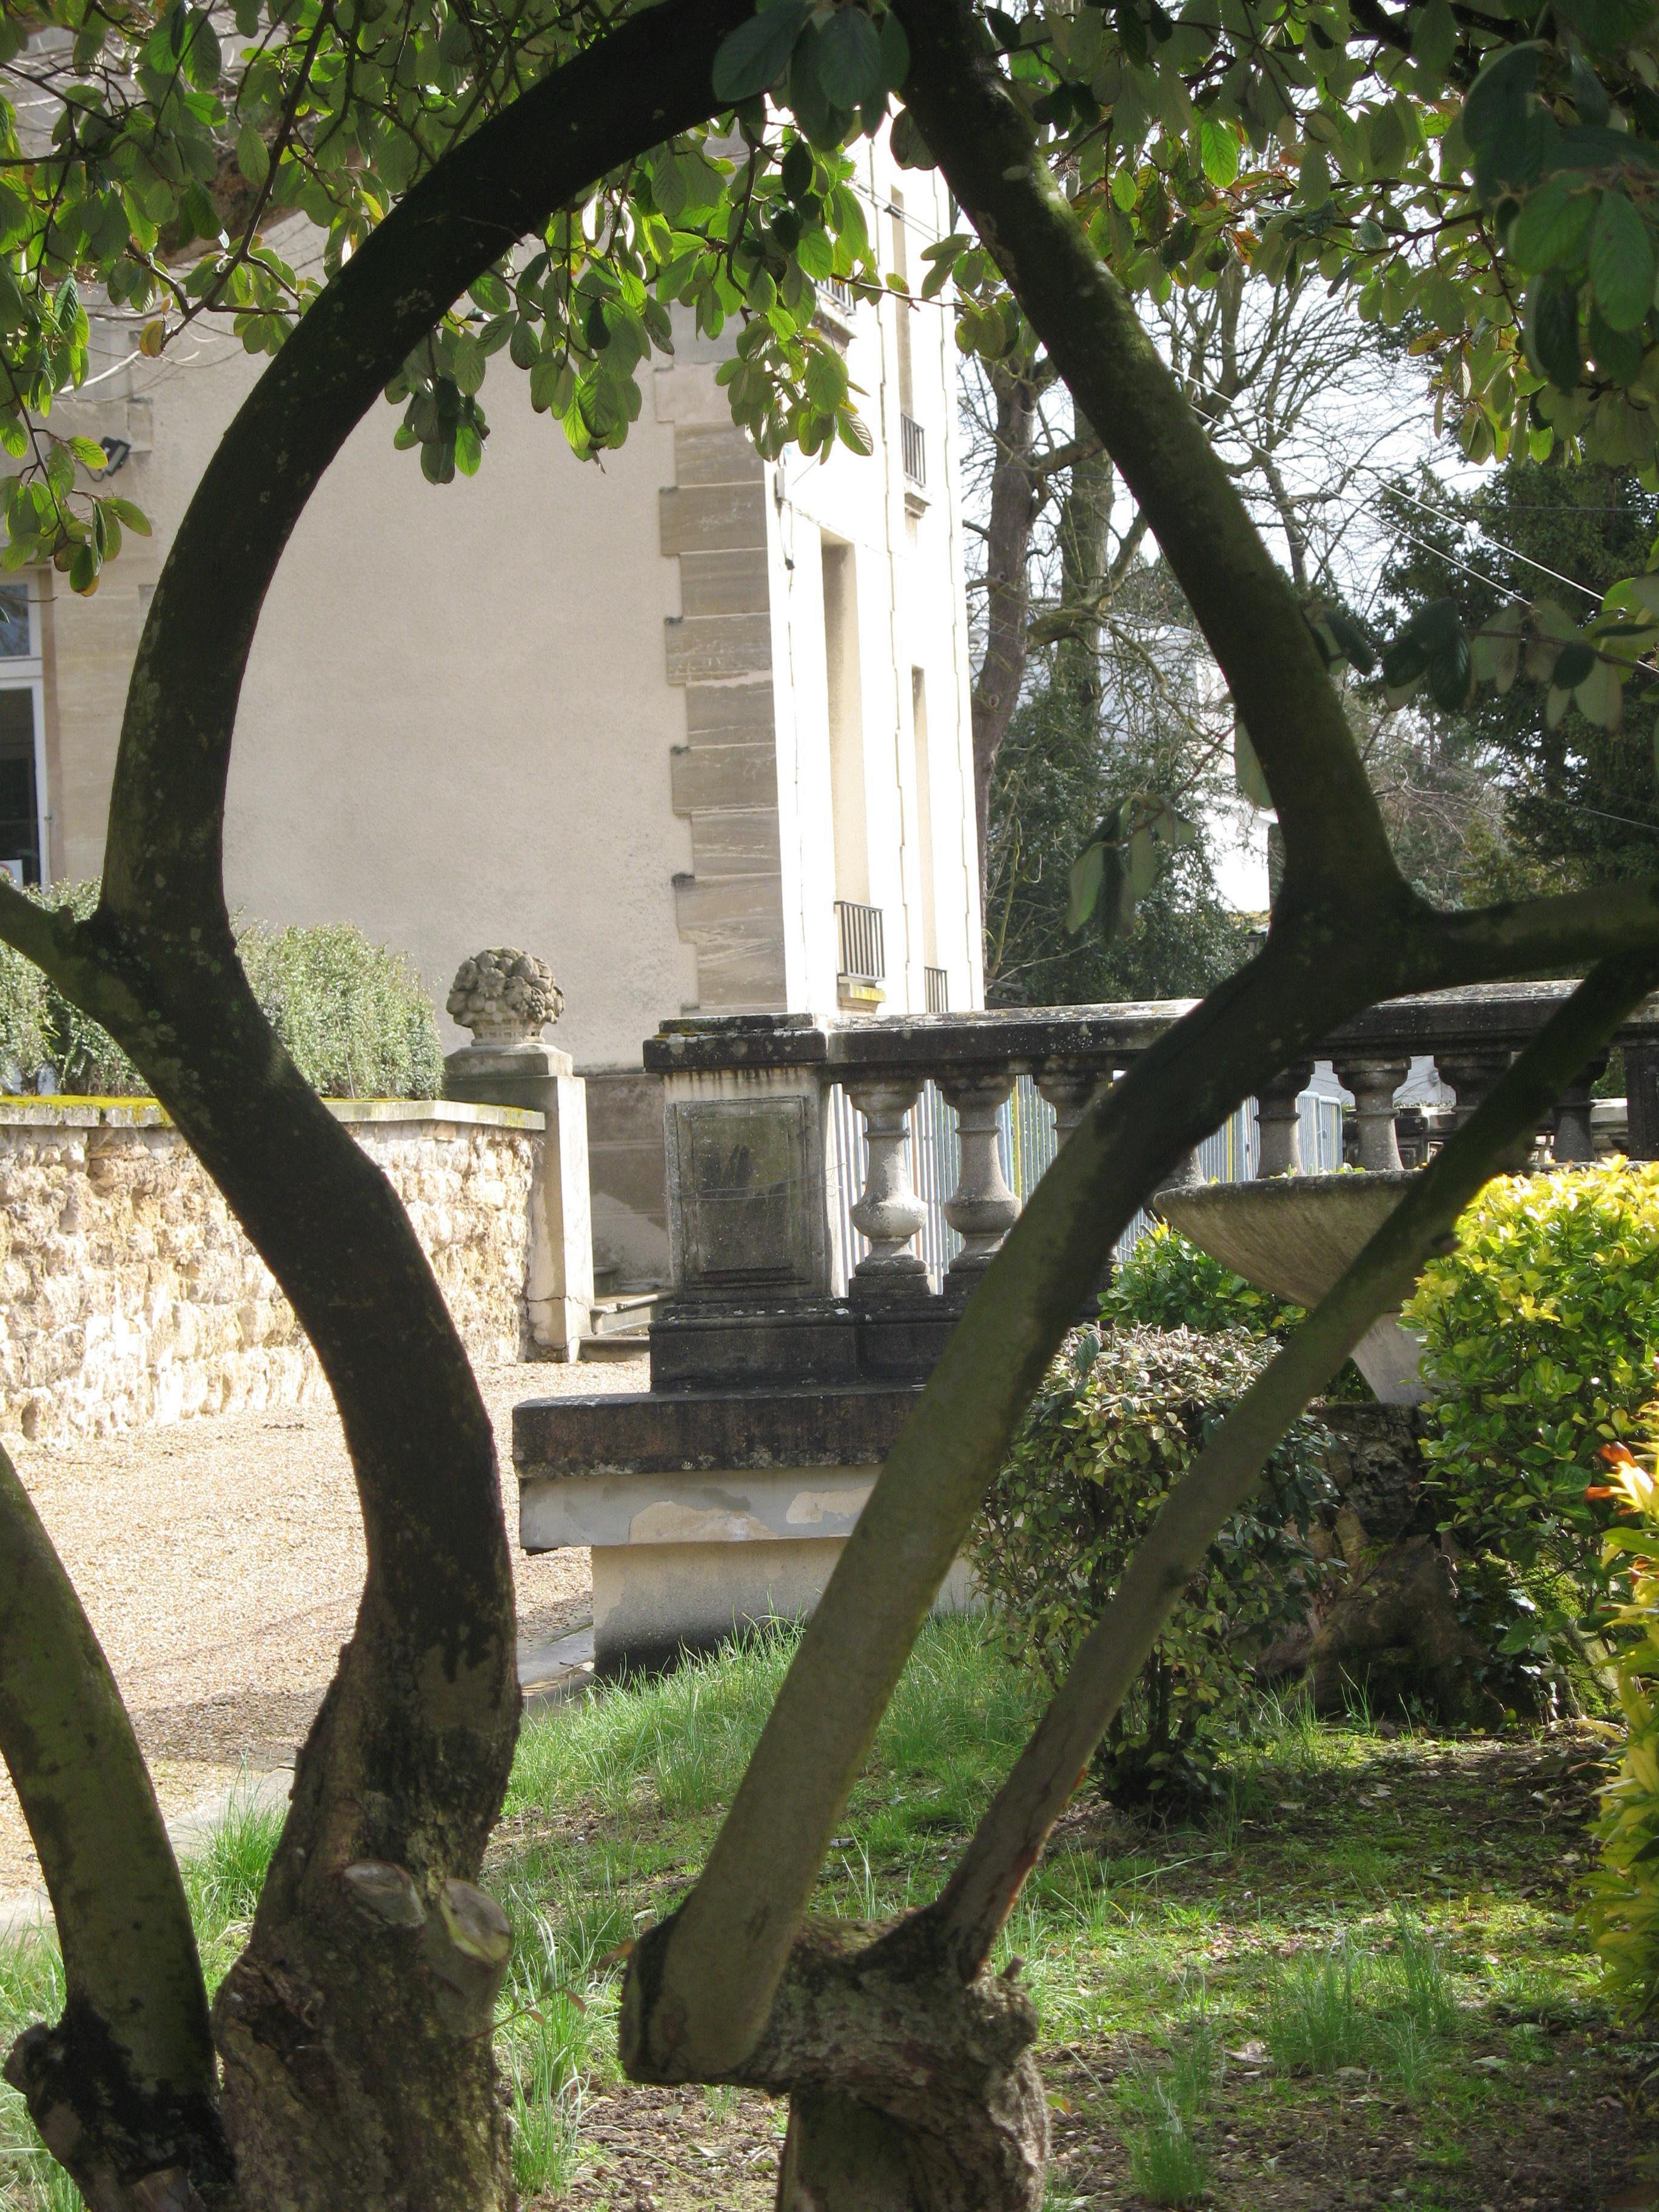 Triel Sur Seine Fr file:parc municipal triel-sur-seine 2 - wikimedia commons